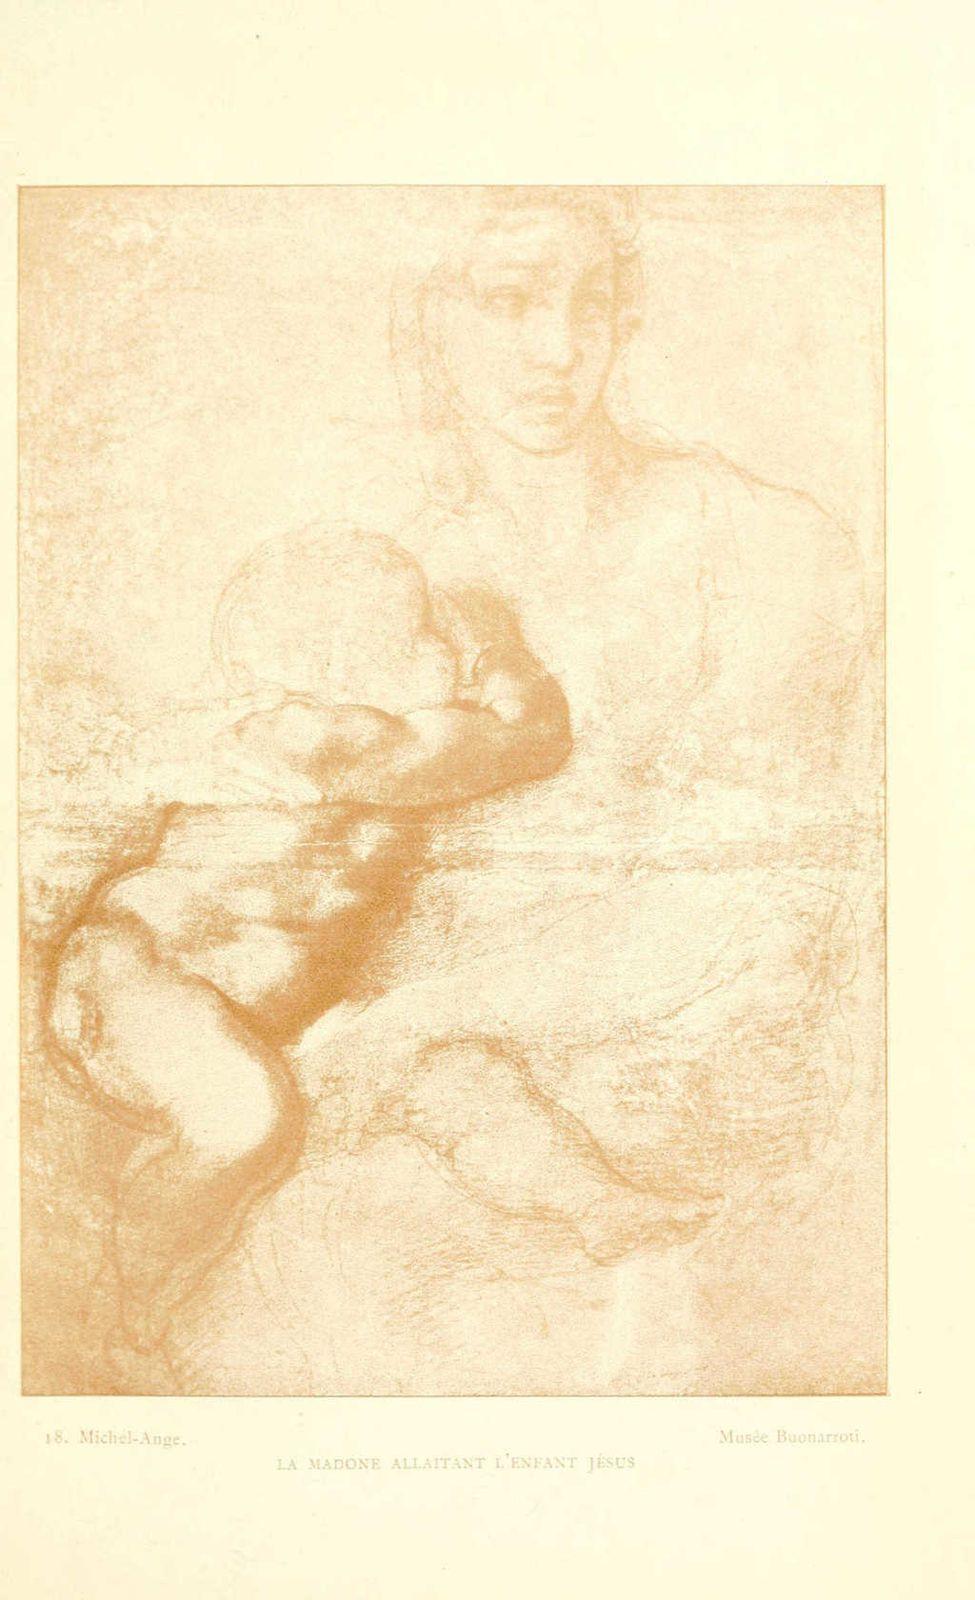 Dessin de Michel-ange : la madone allaitant l'enfant jesus